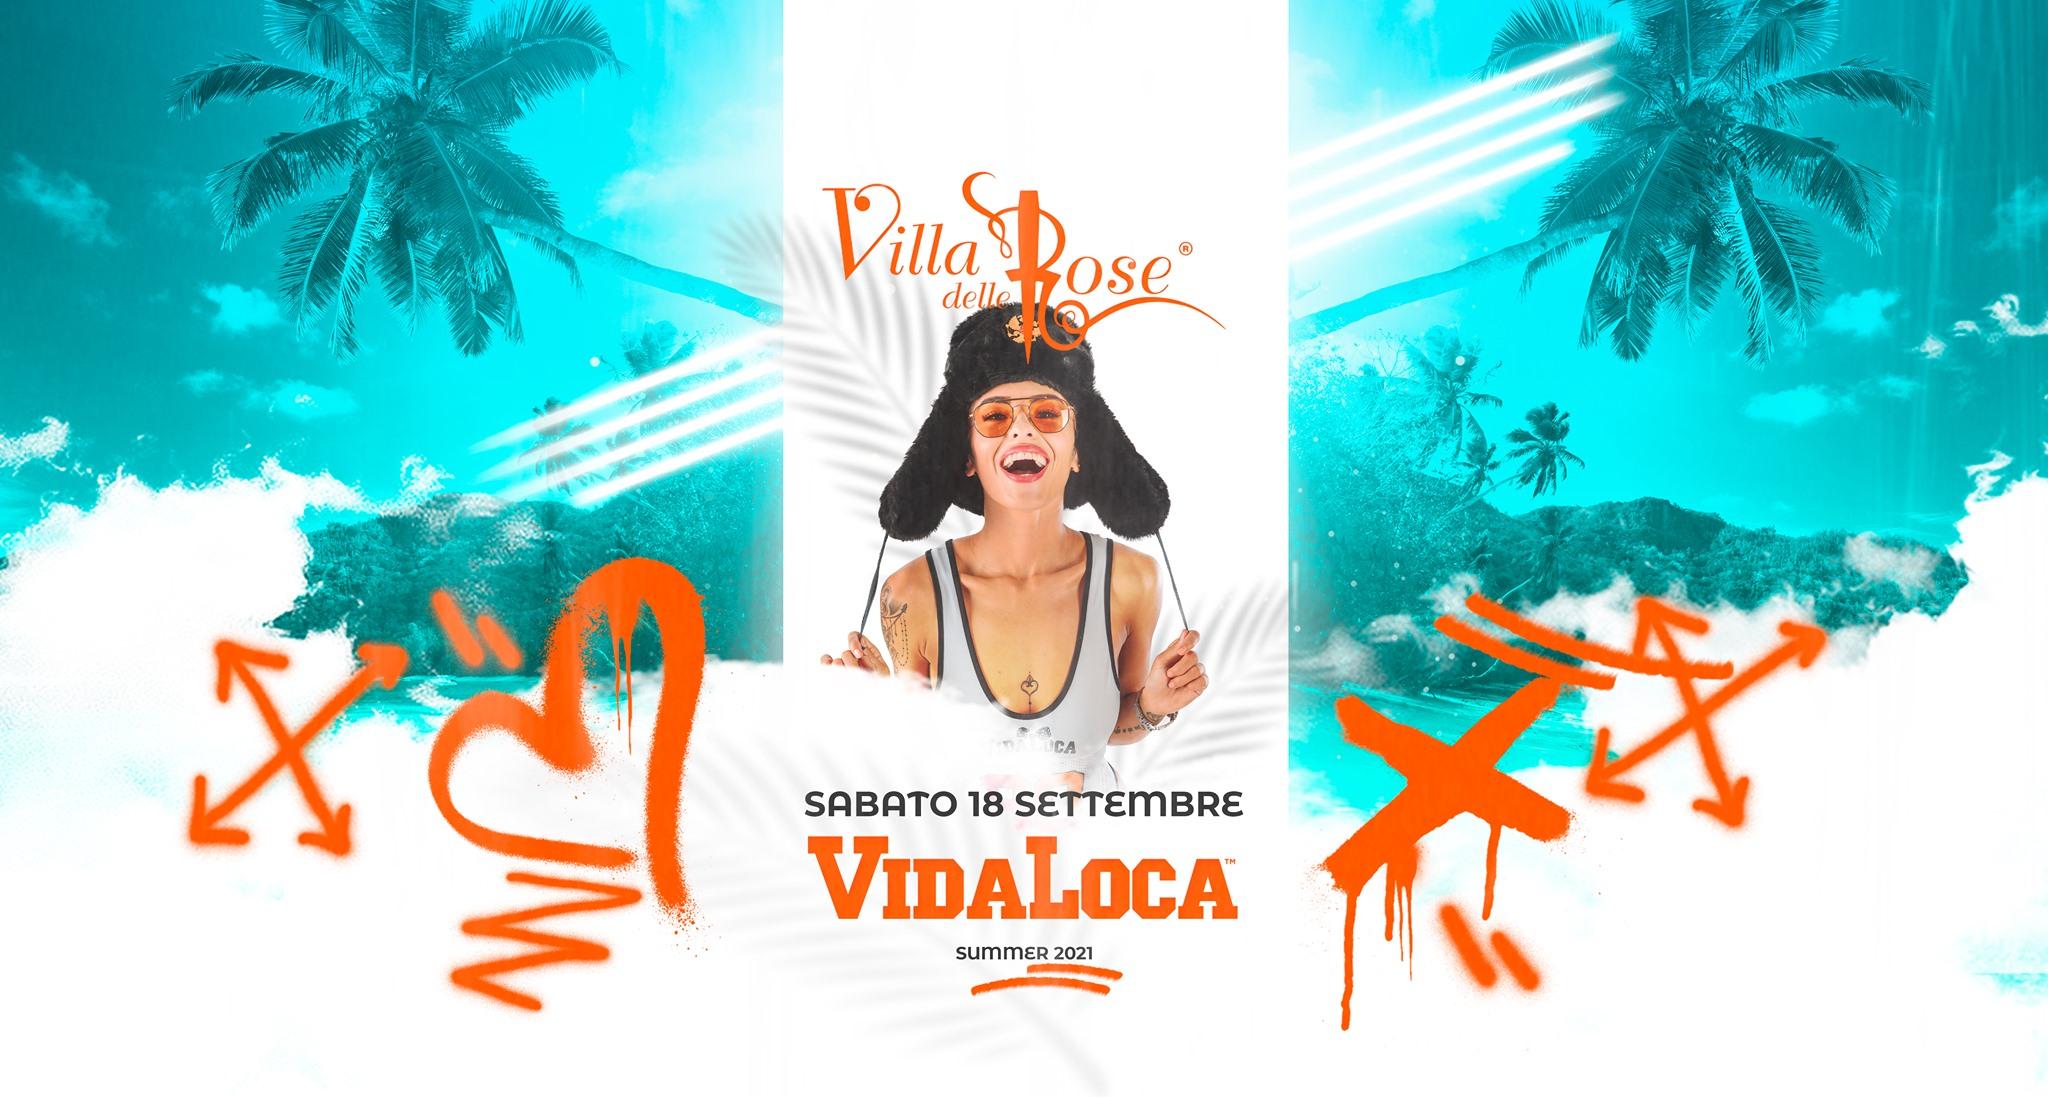 vida loca villa delle rose 18 settembre 2021